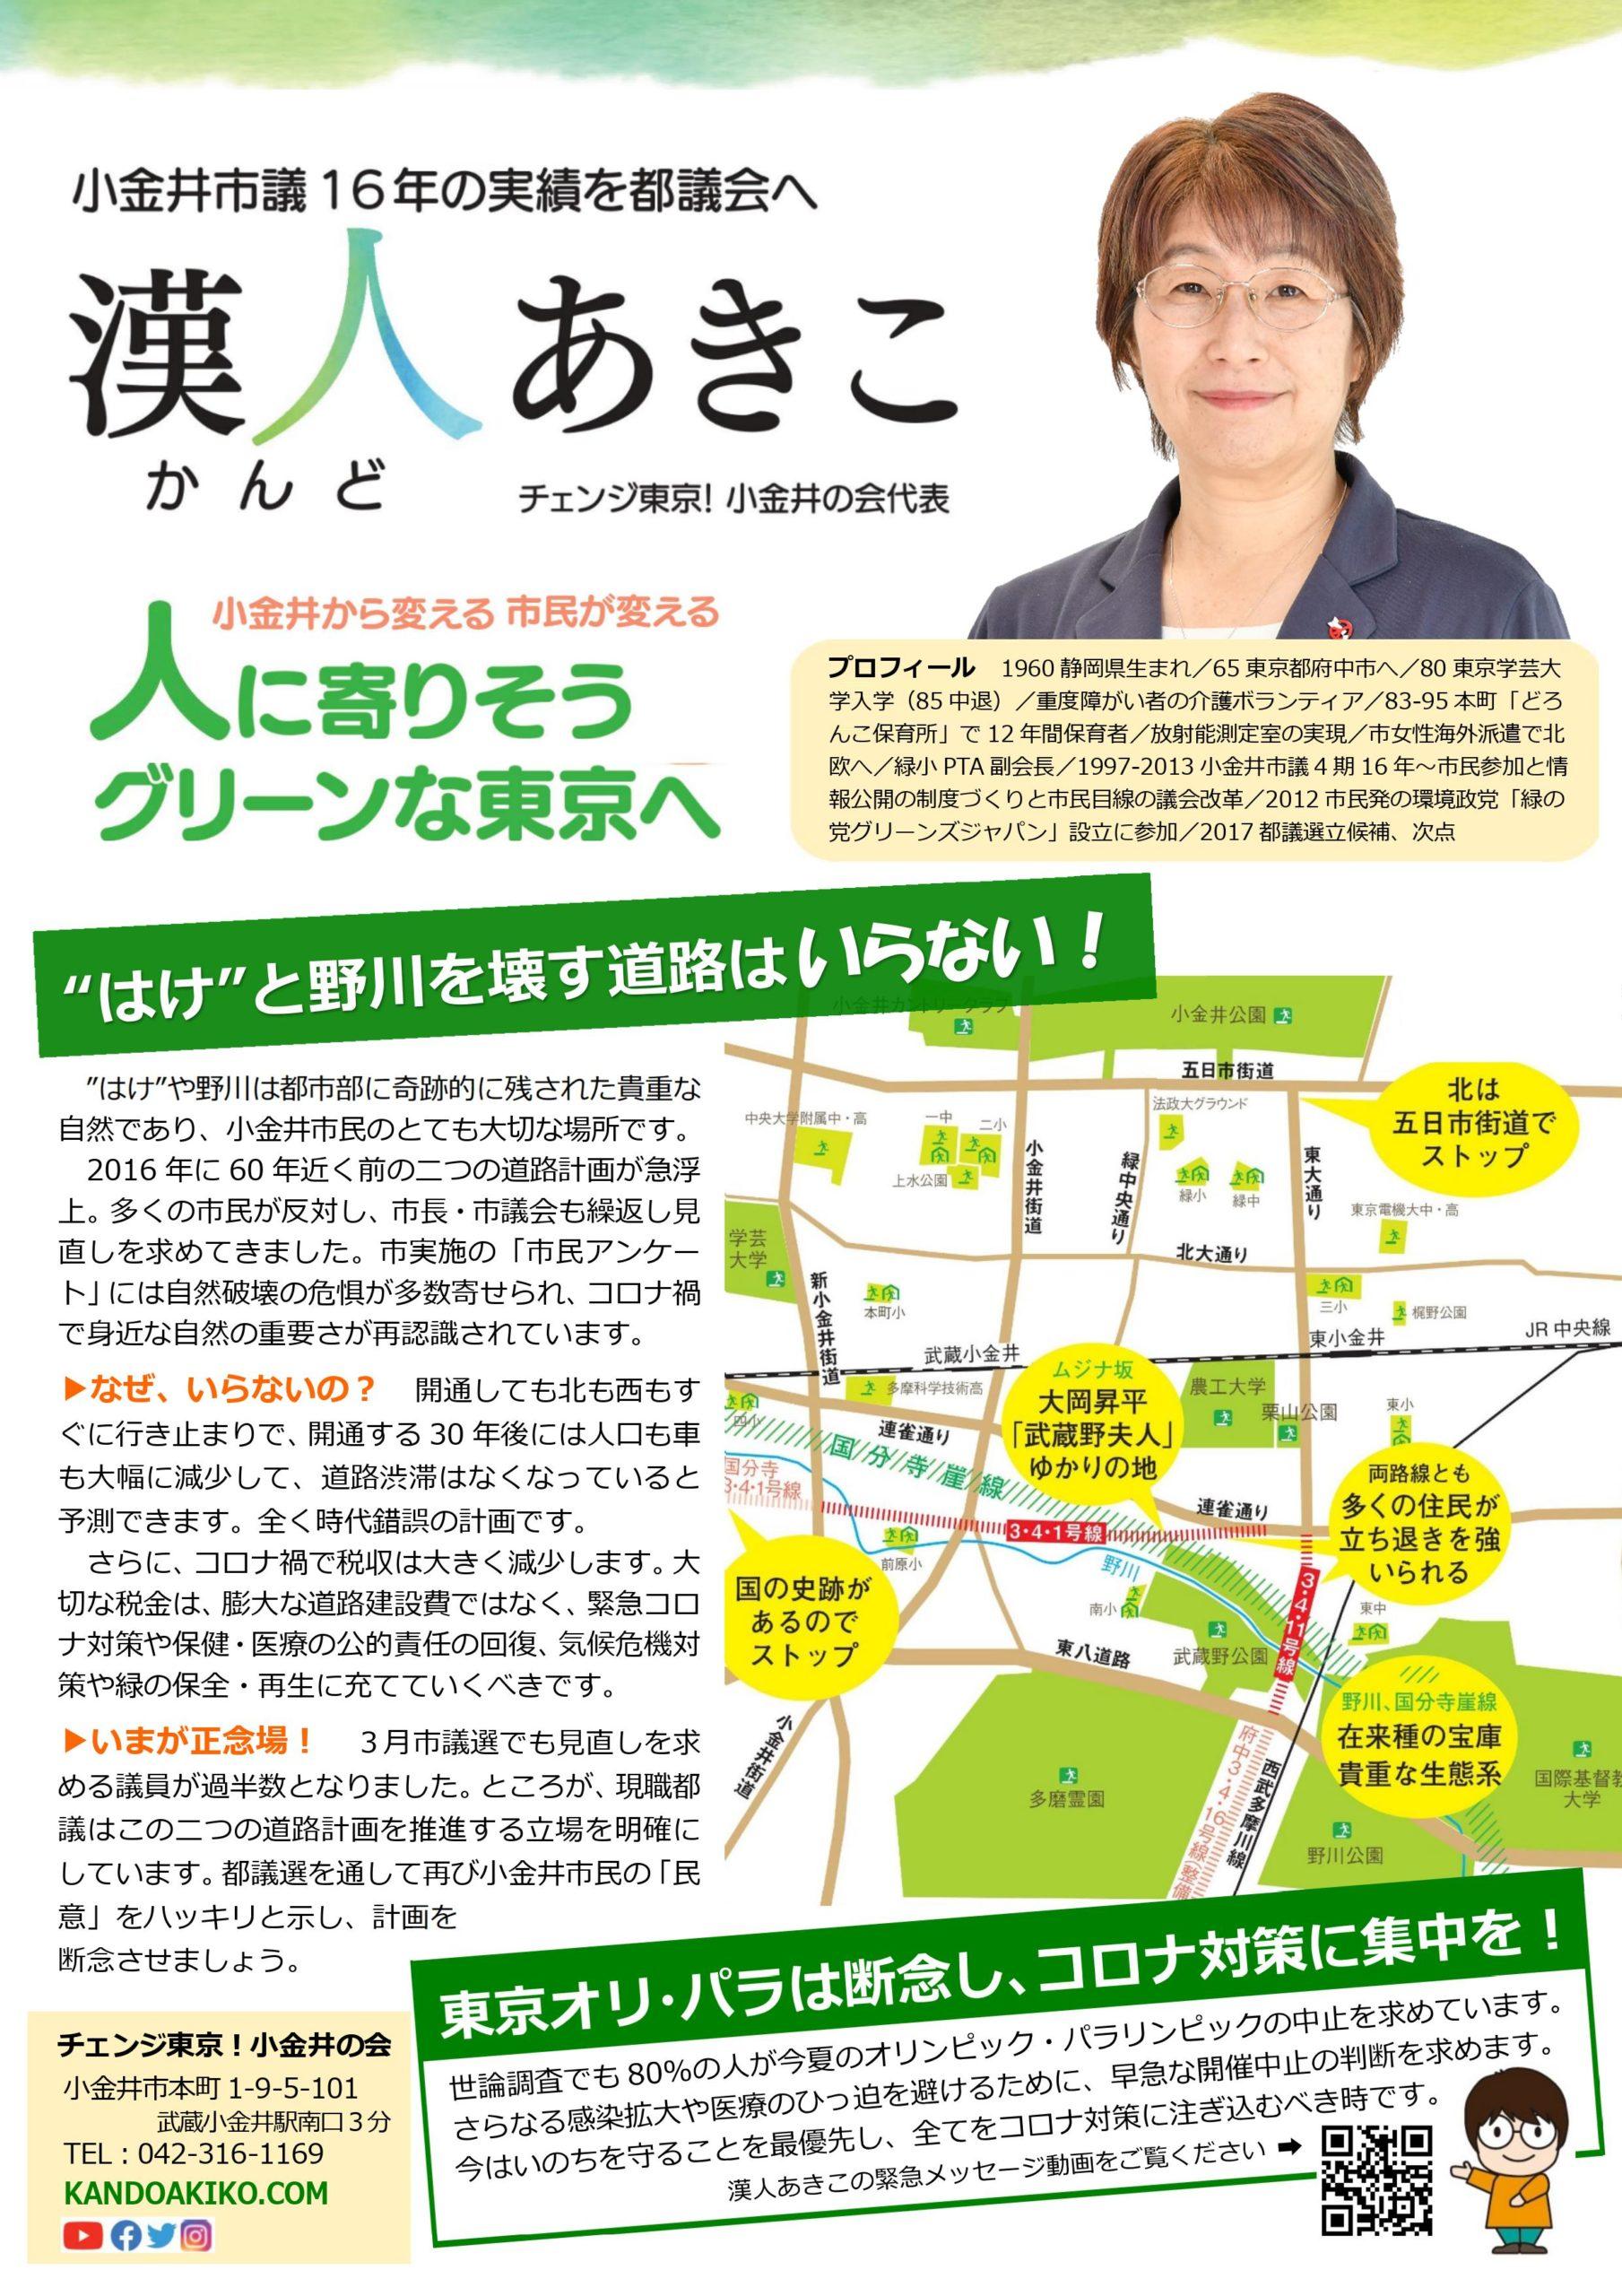 チェンジ東京!小金井の会ニュース 18号-裏